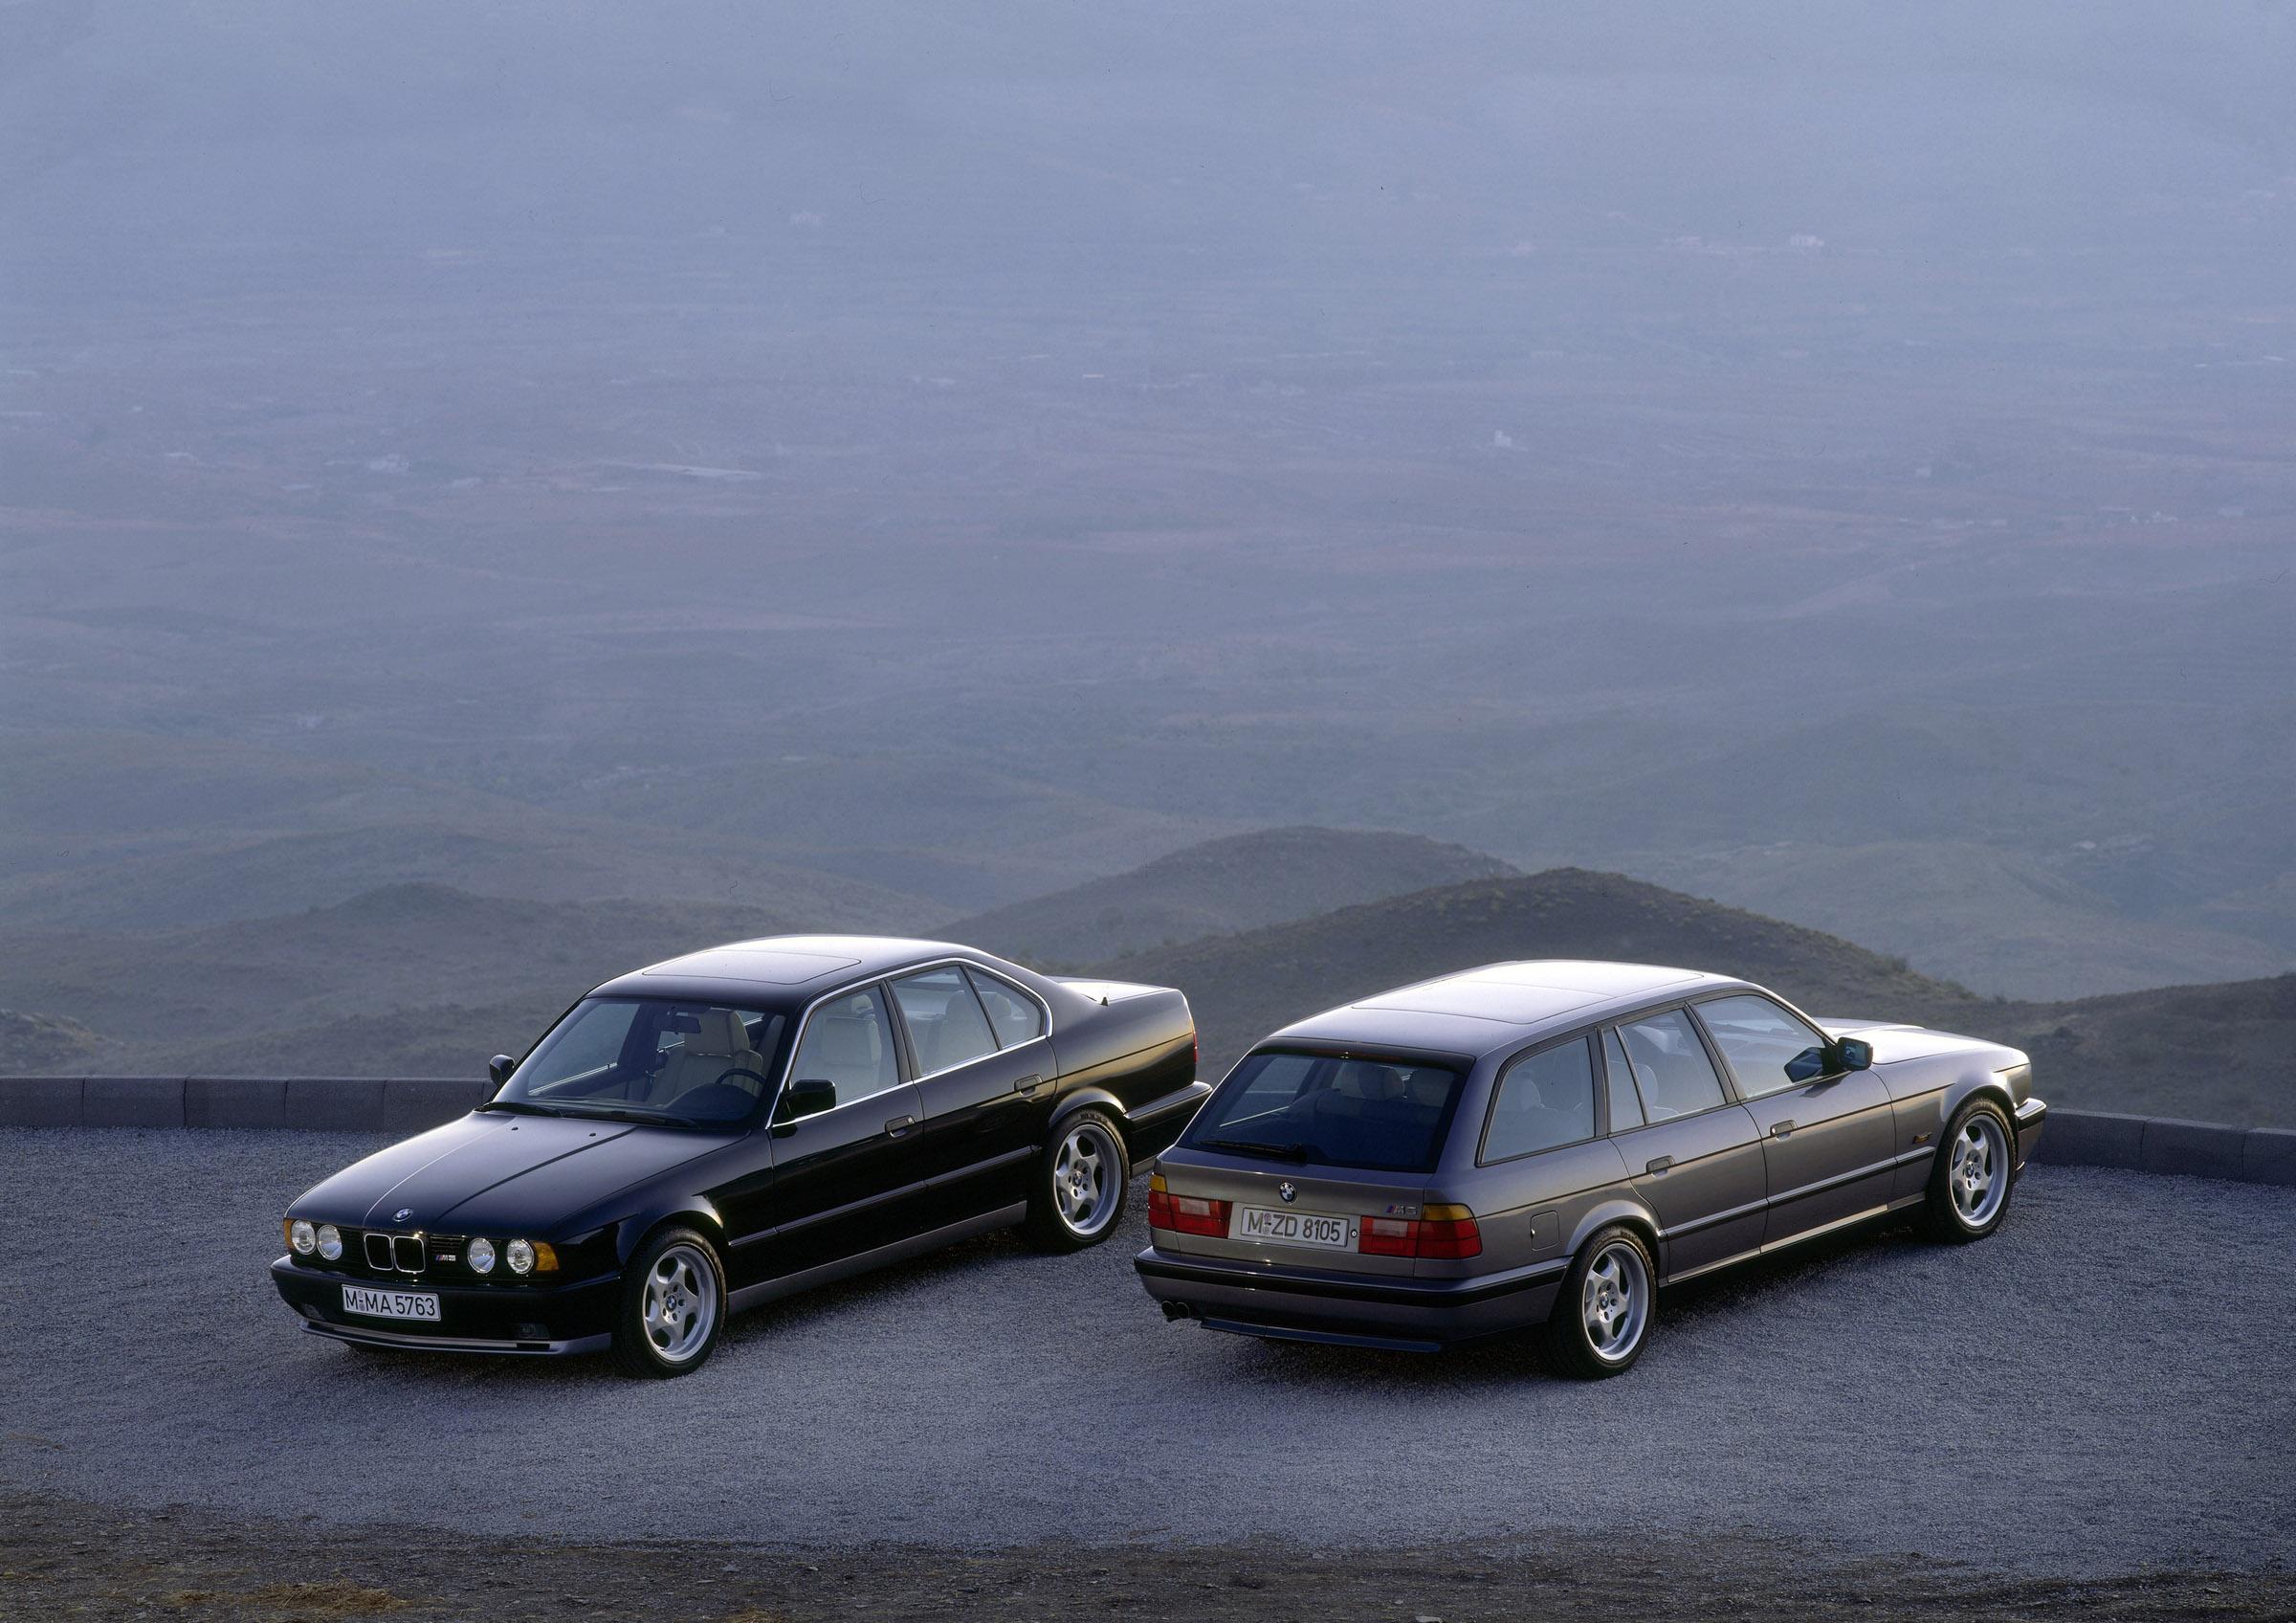 E34 M5 Touring